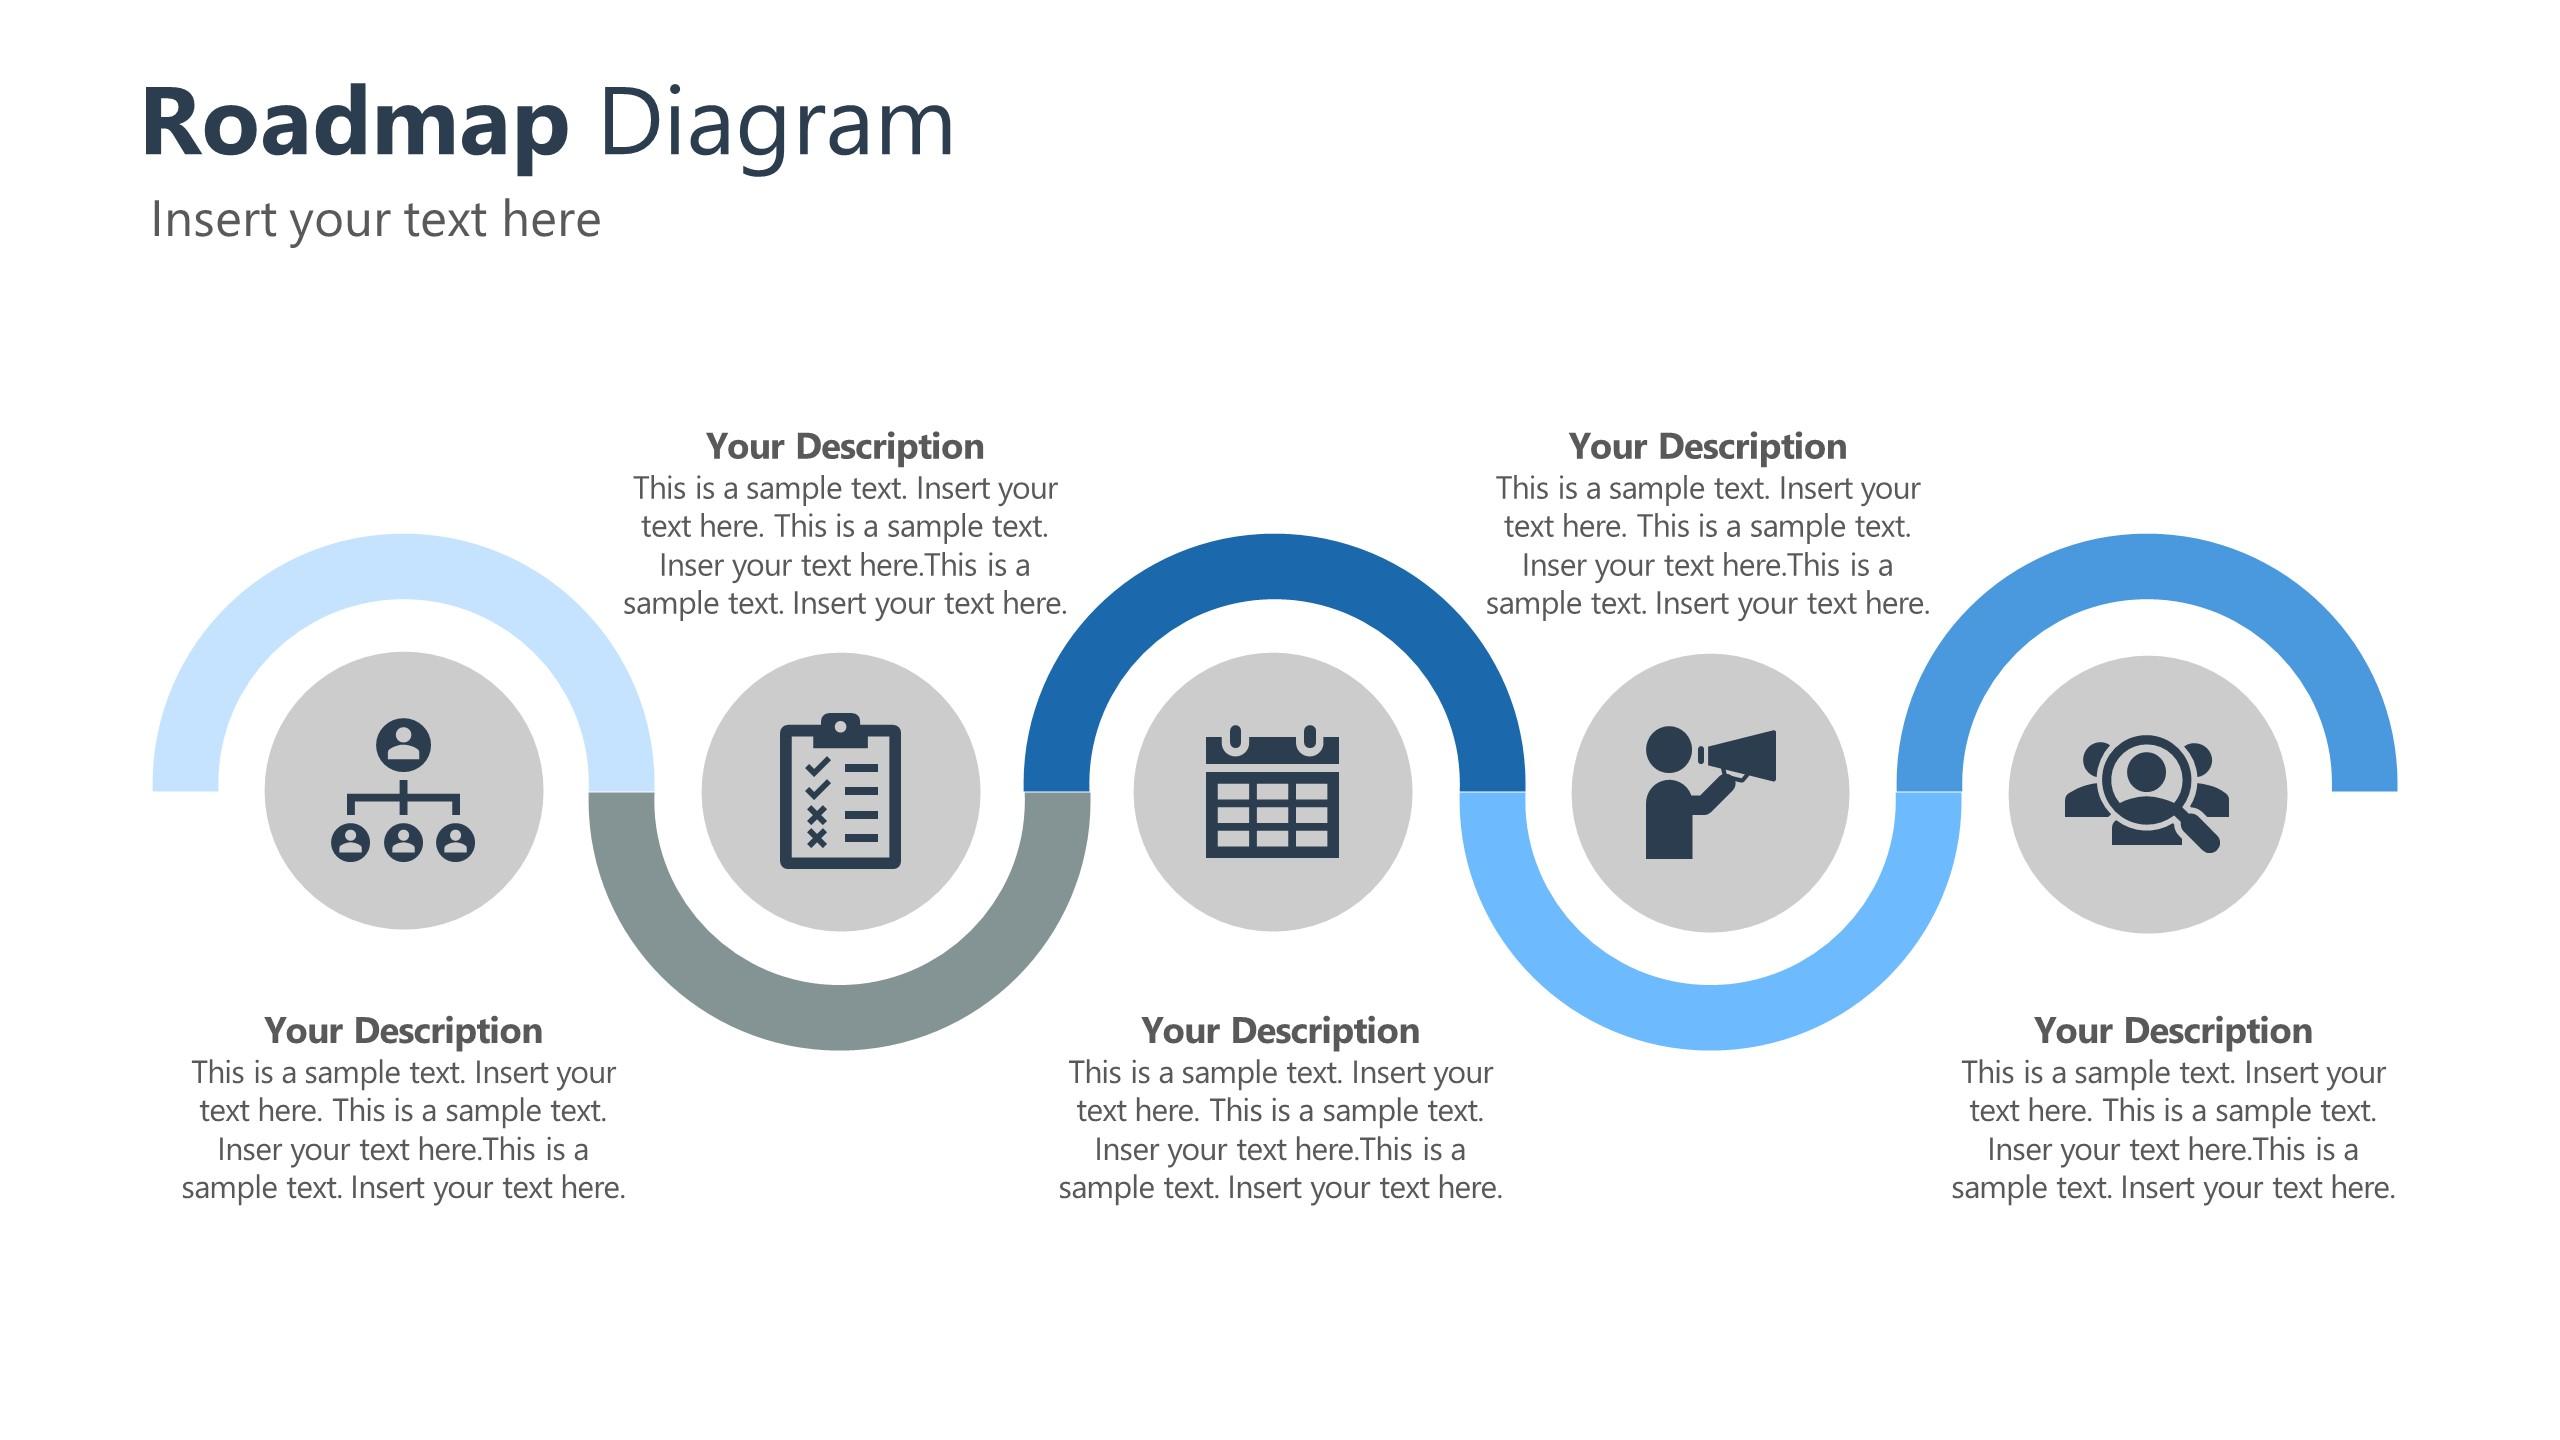 Roadmap Diagram Template for Corporate